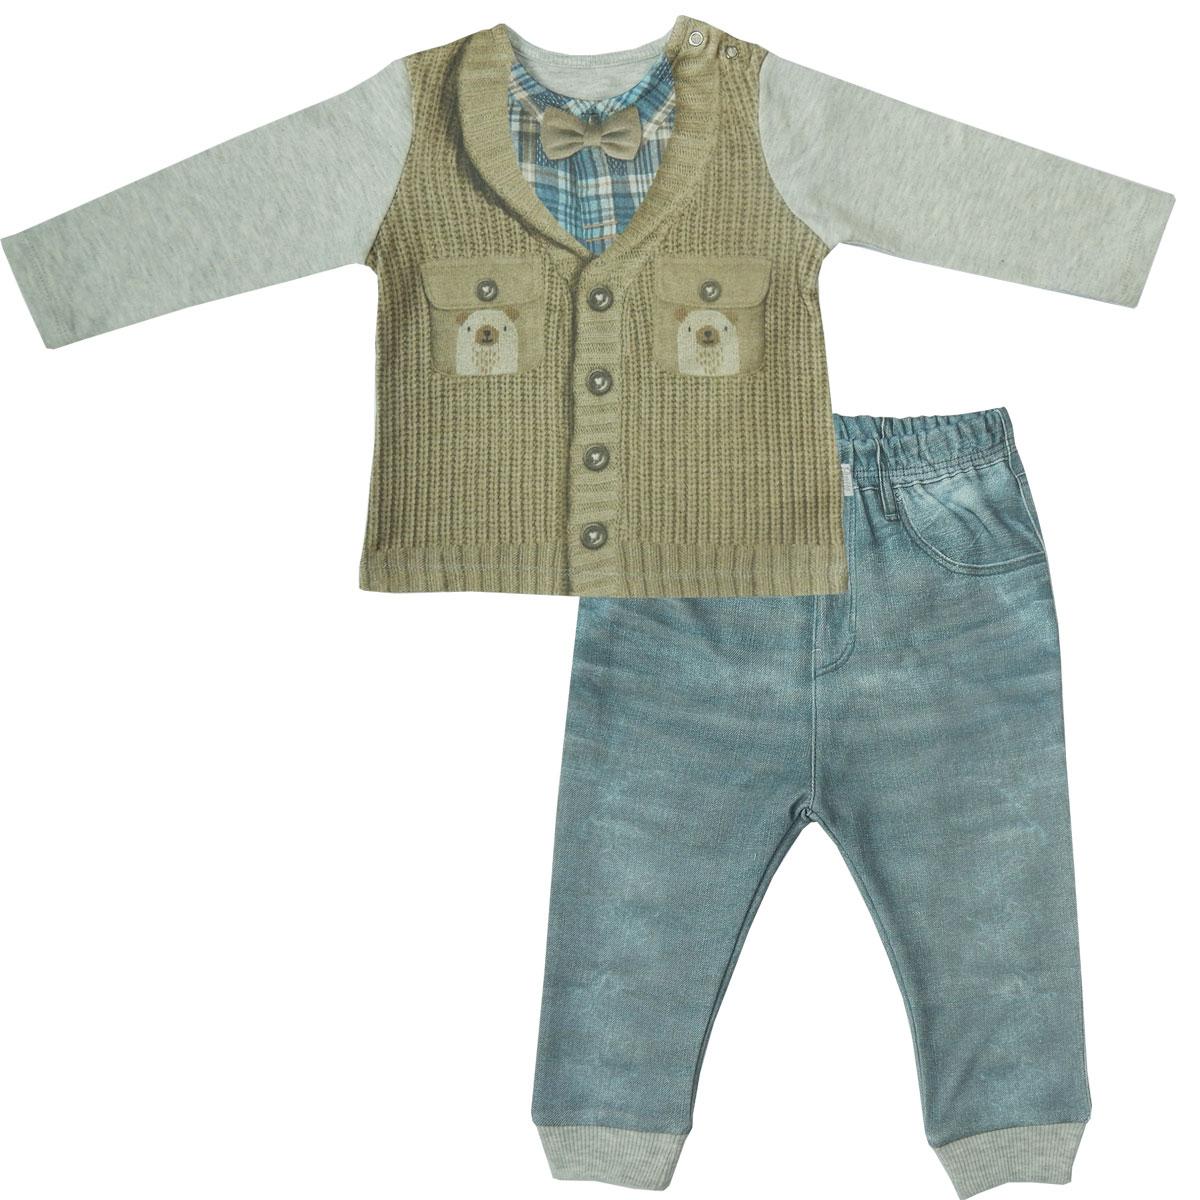 Купить Комплект одежды Папитто для мальчика Fashion Jeans 584-05 серый/синий р.22-74, Комплекты для новорожденных